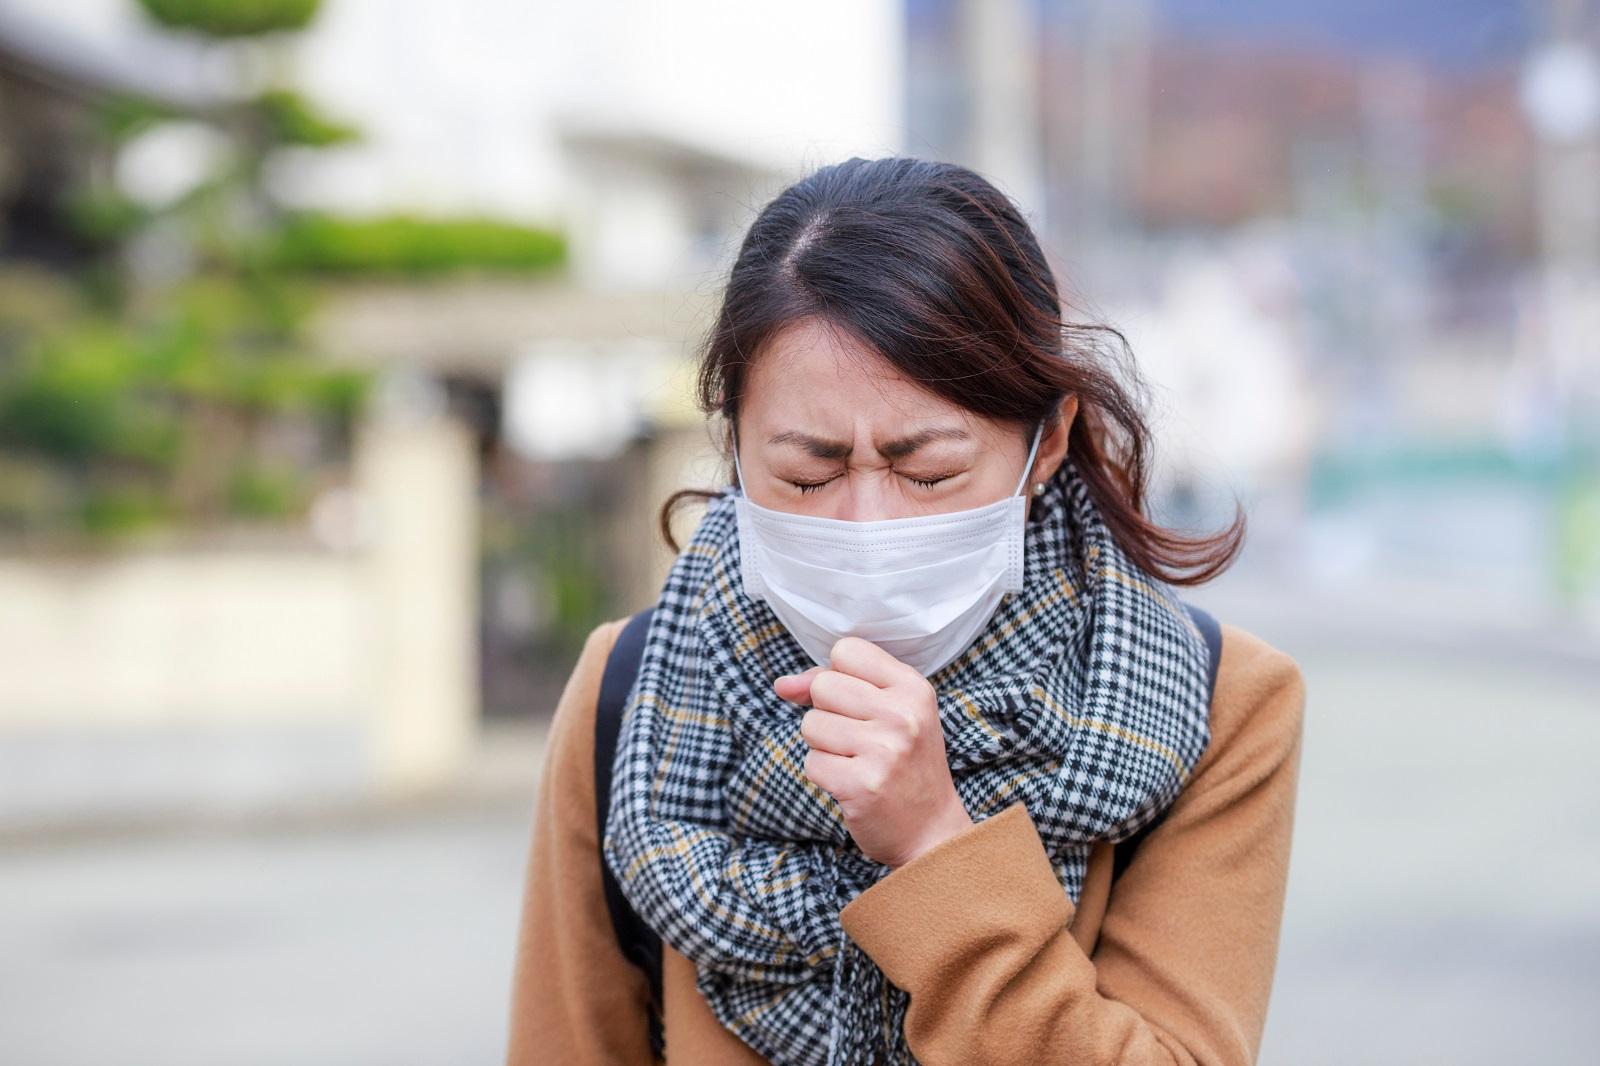 「在台灣真的很幸福!」我國首例武漢肺炎確診個案出院 手寫信致謝防疫及醫療人員